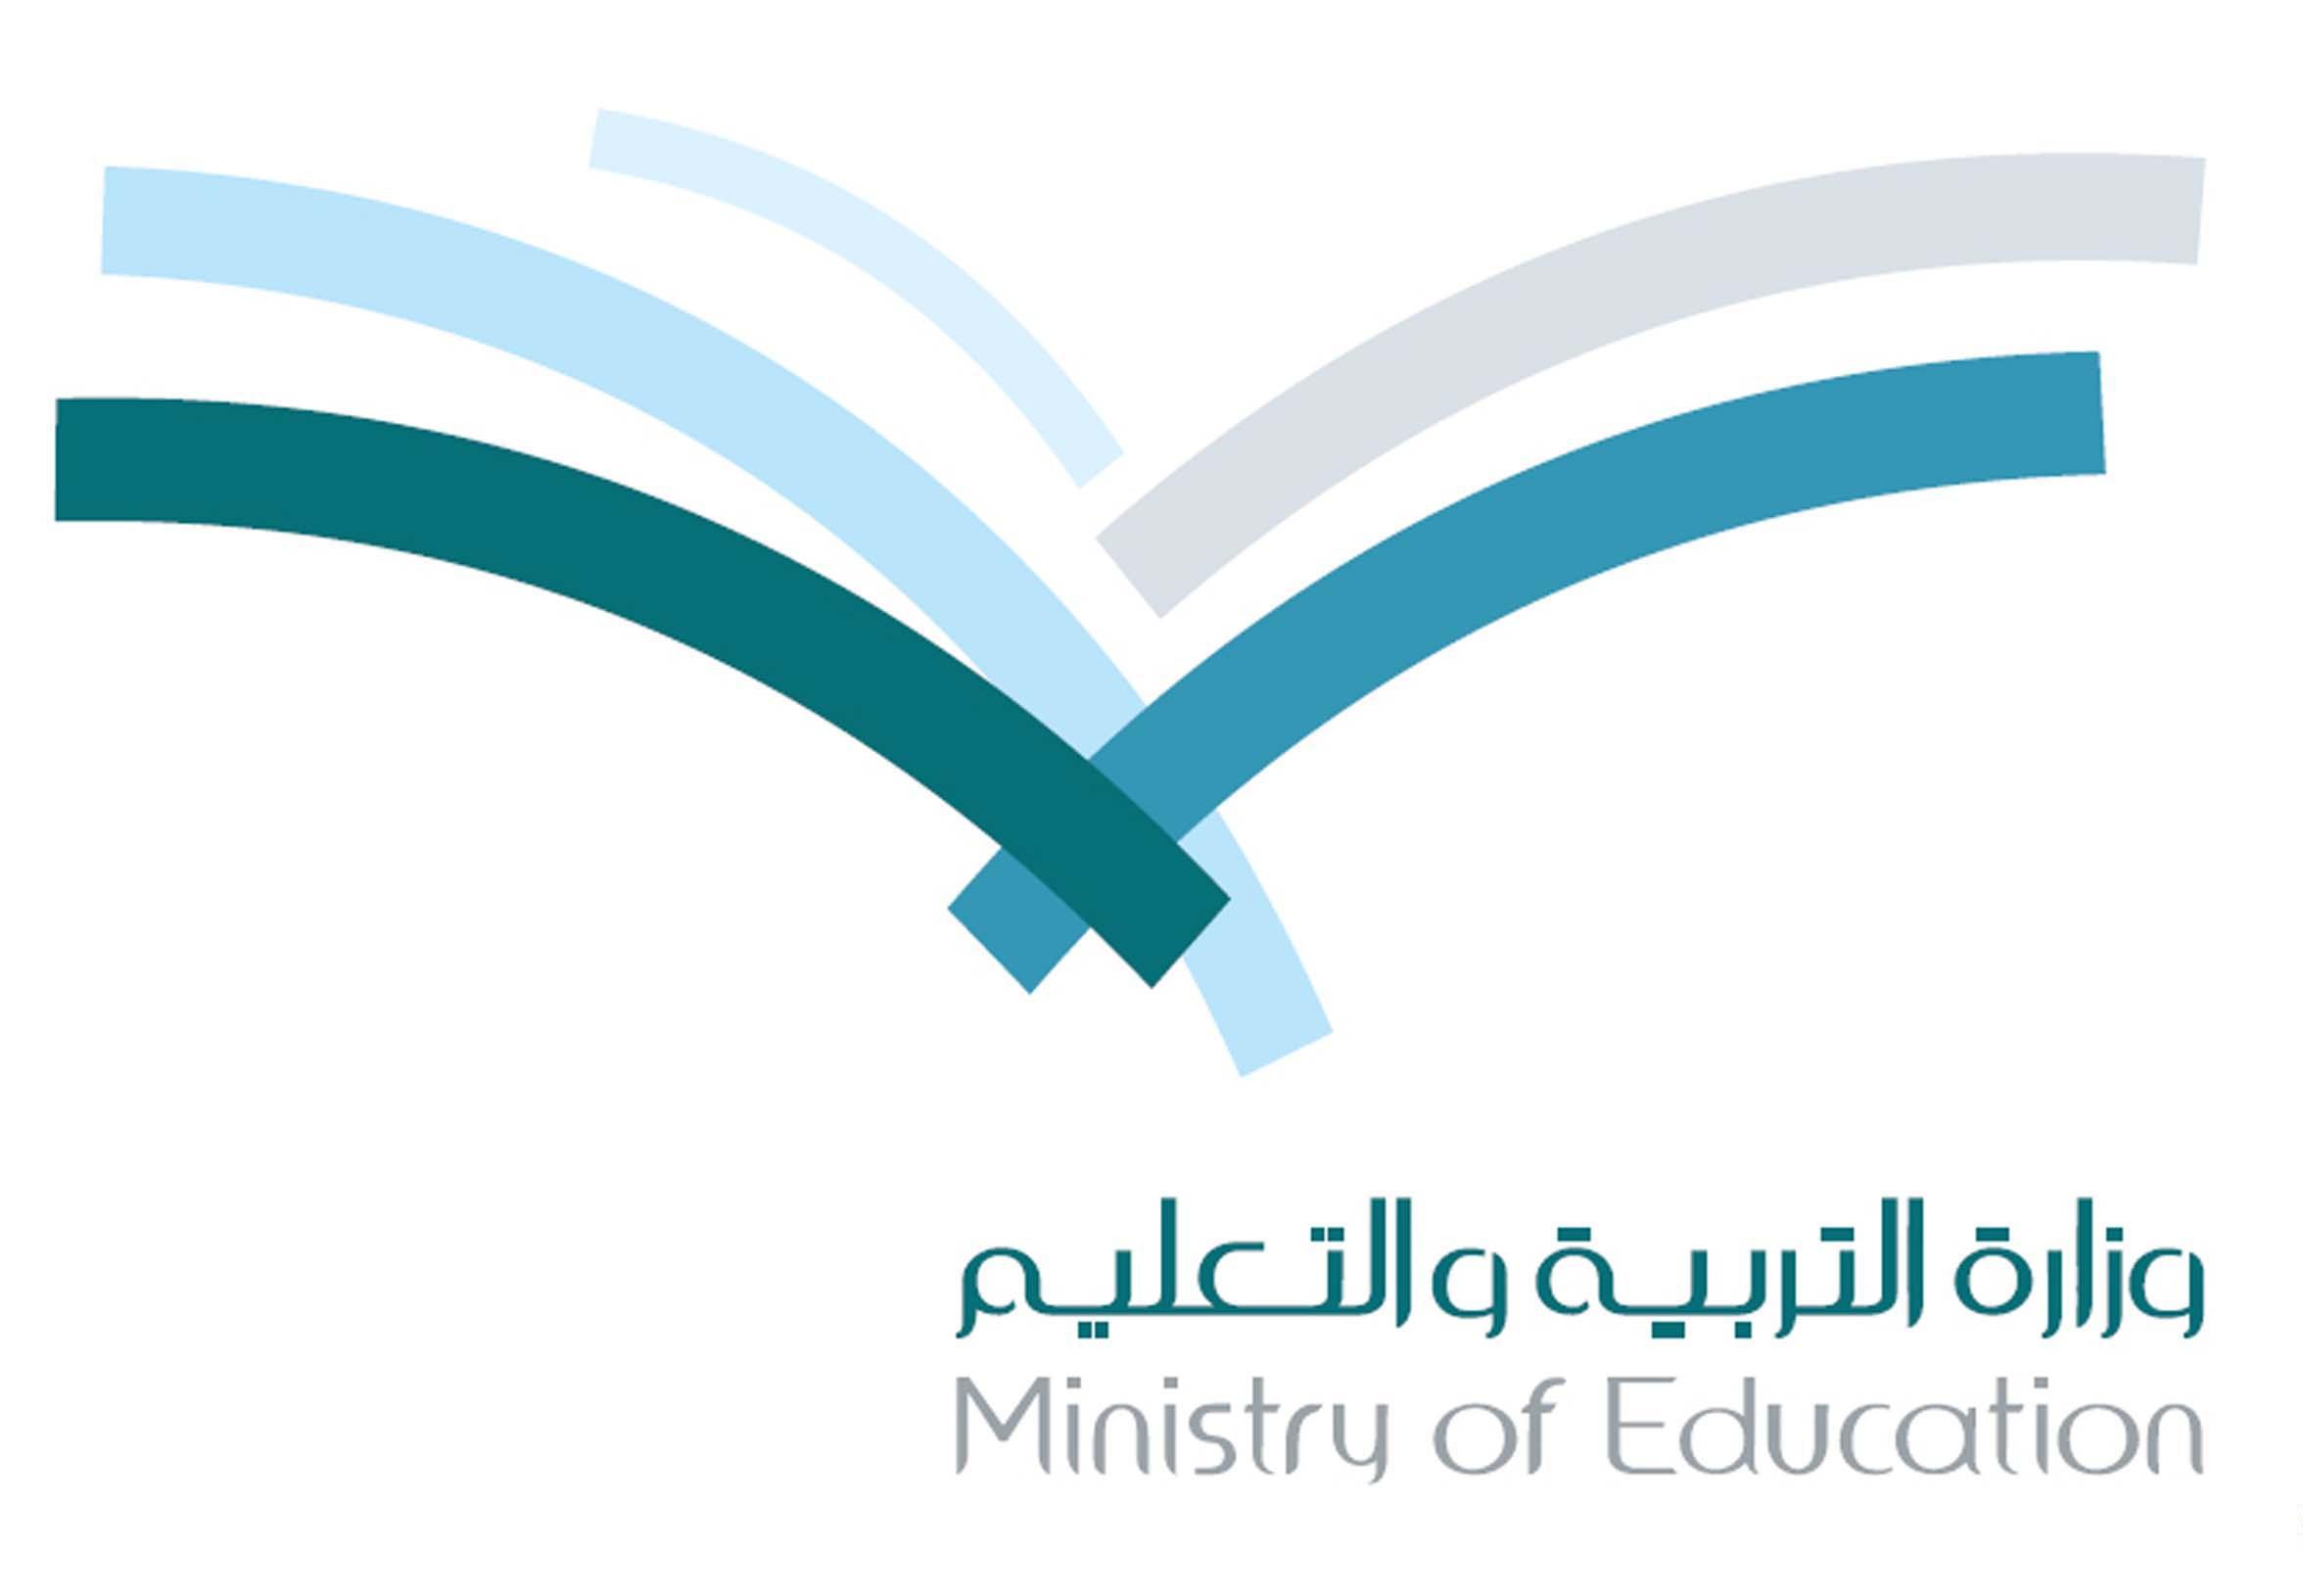 ملف وزارة التربية Jpg ويكيبيديا